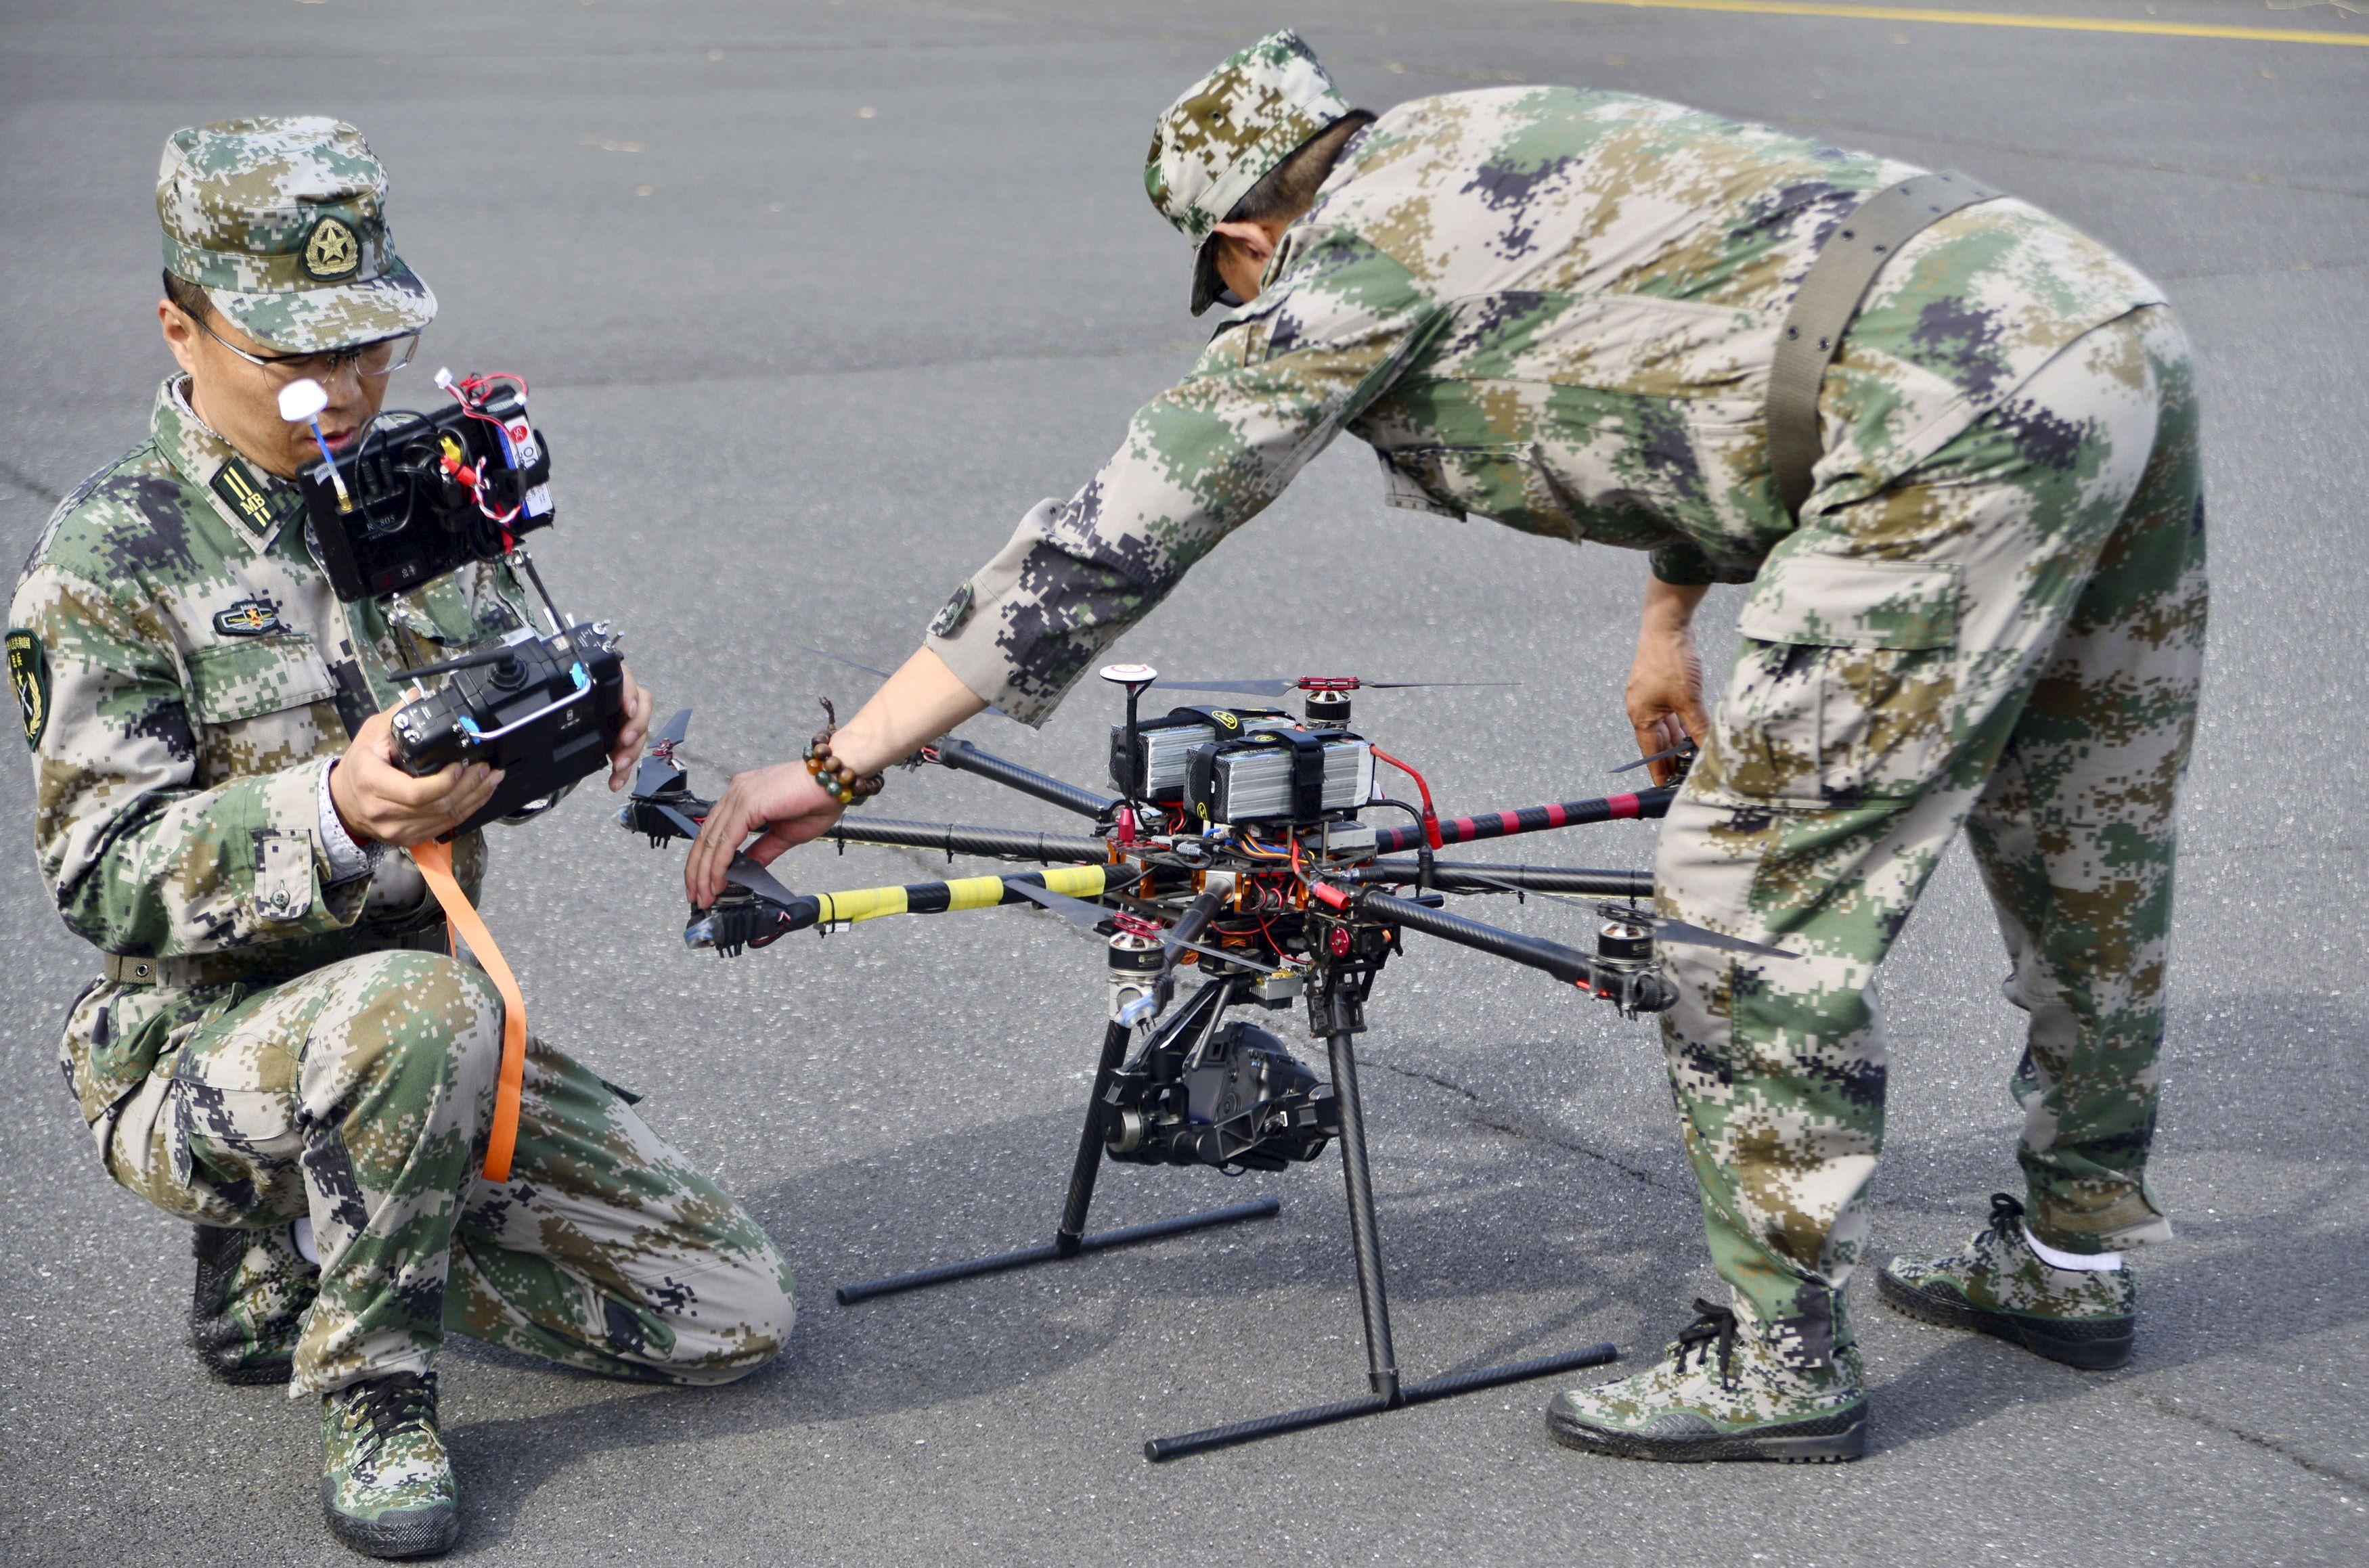 Terrorisme : l'Etat islamique pourrait préparer une attaque sur un stade à l'aide de drones